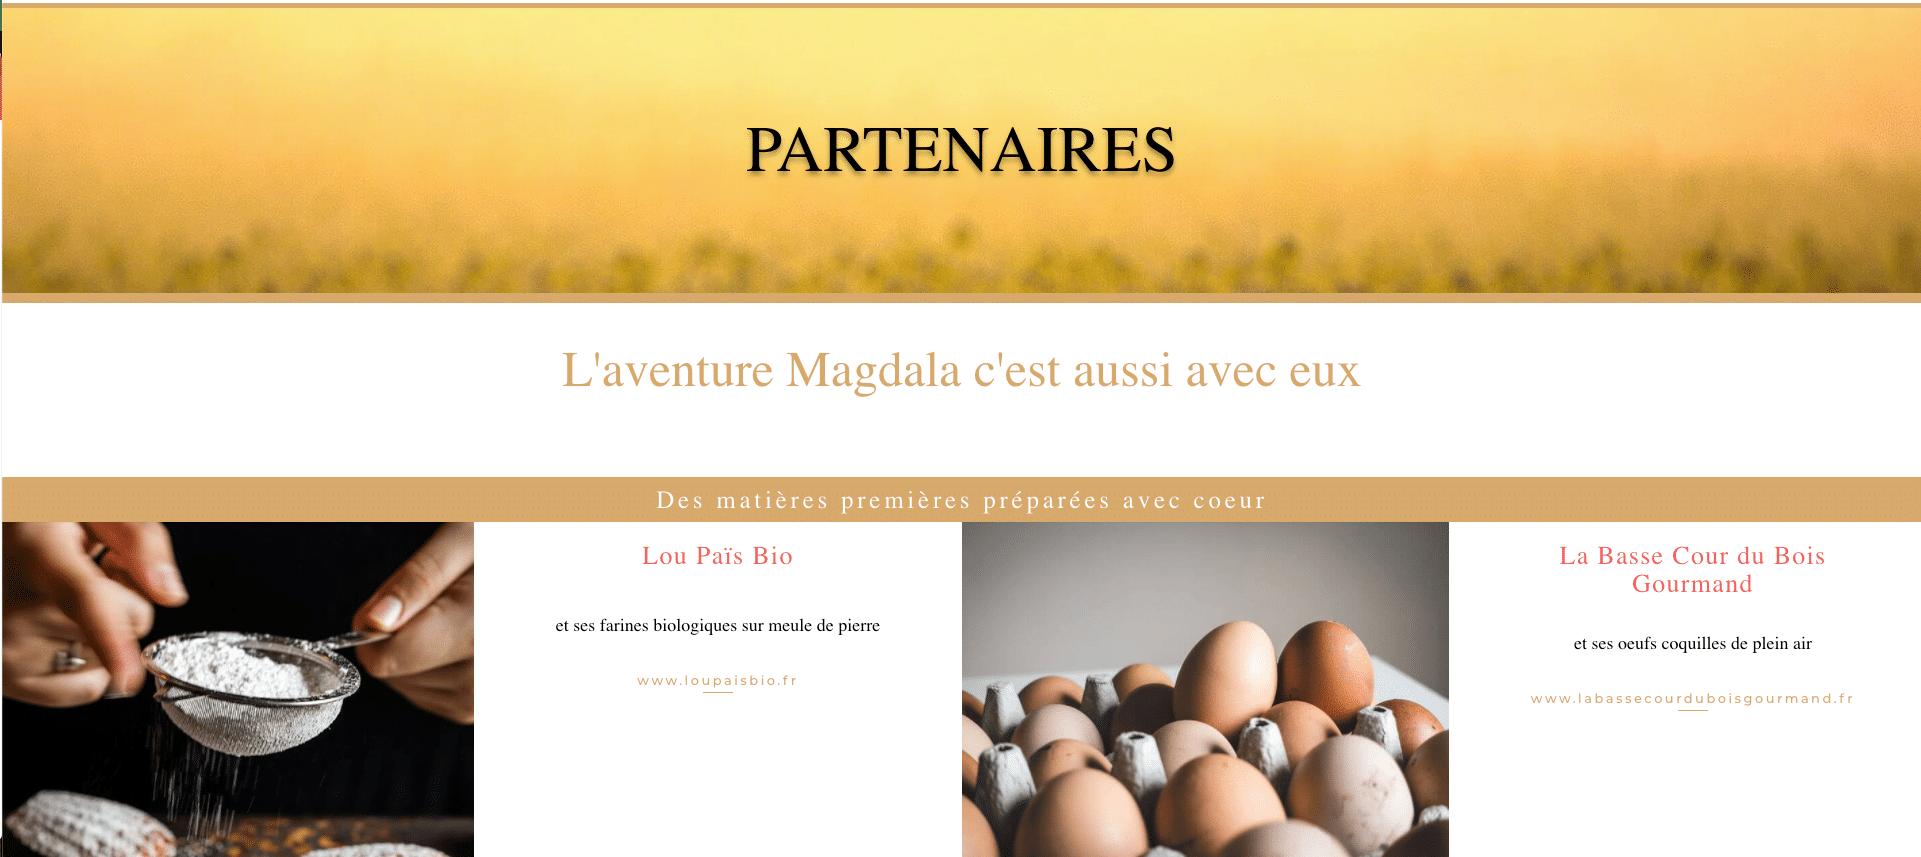 MAGDALA La Pâtisserie - TOULOUSE - Partenaires